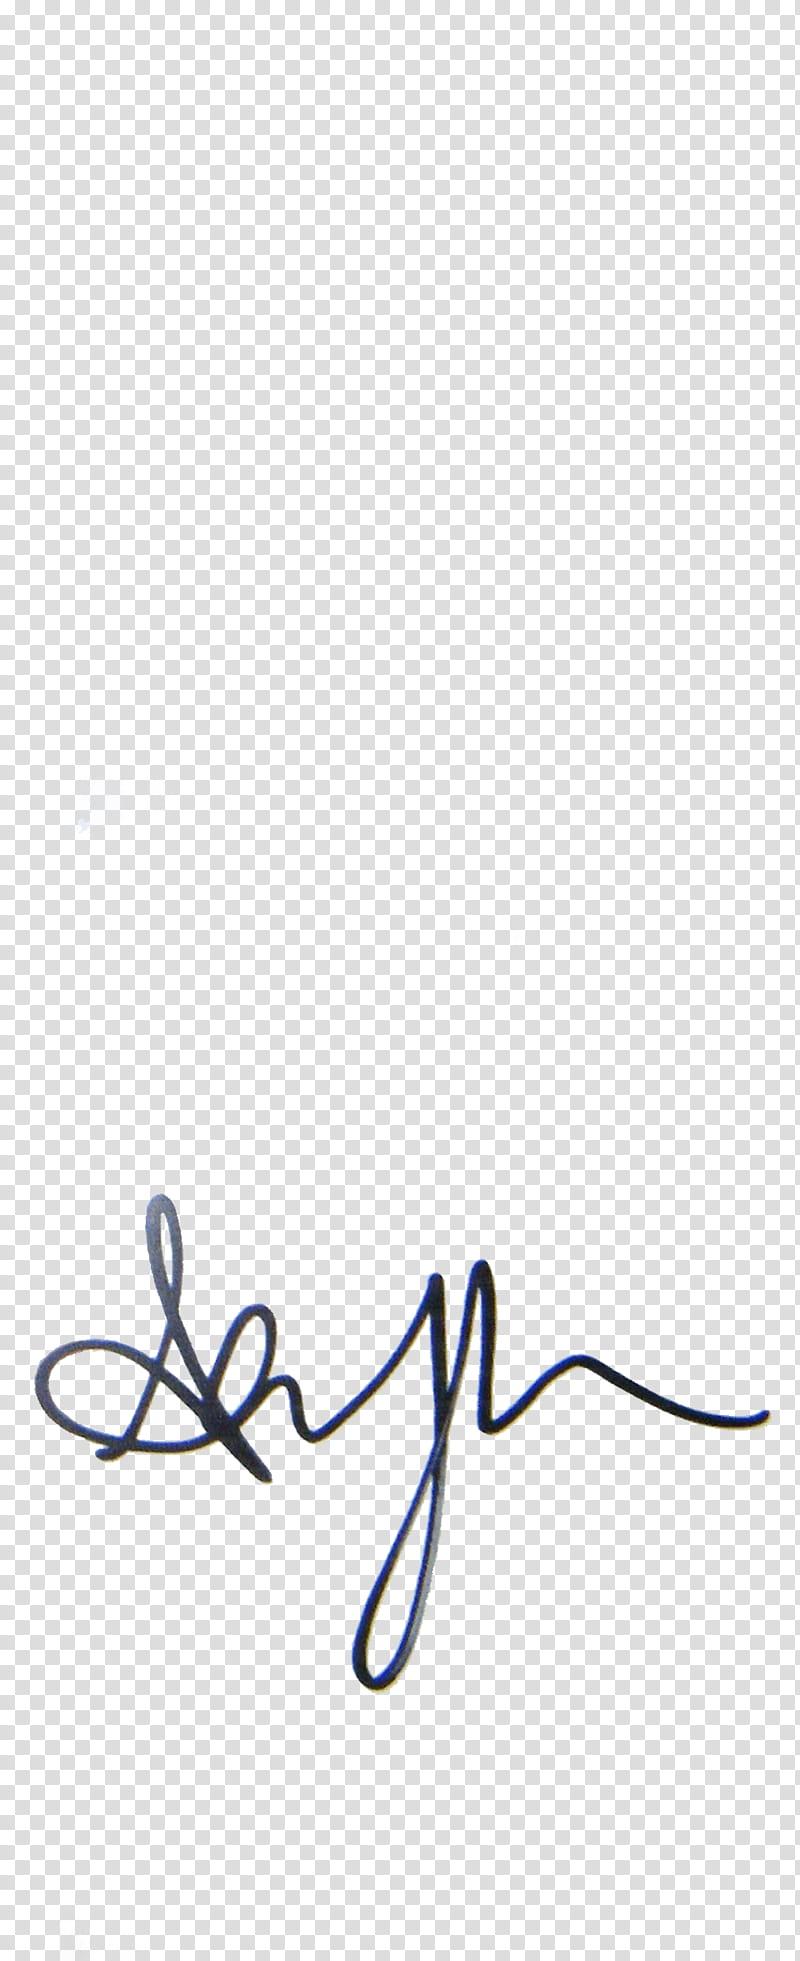 Signature S, ashley T autograph transparent background PNG.